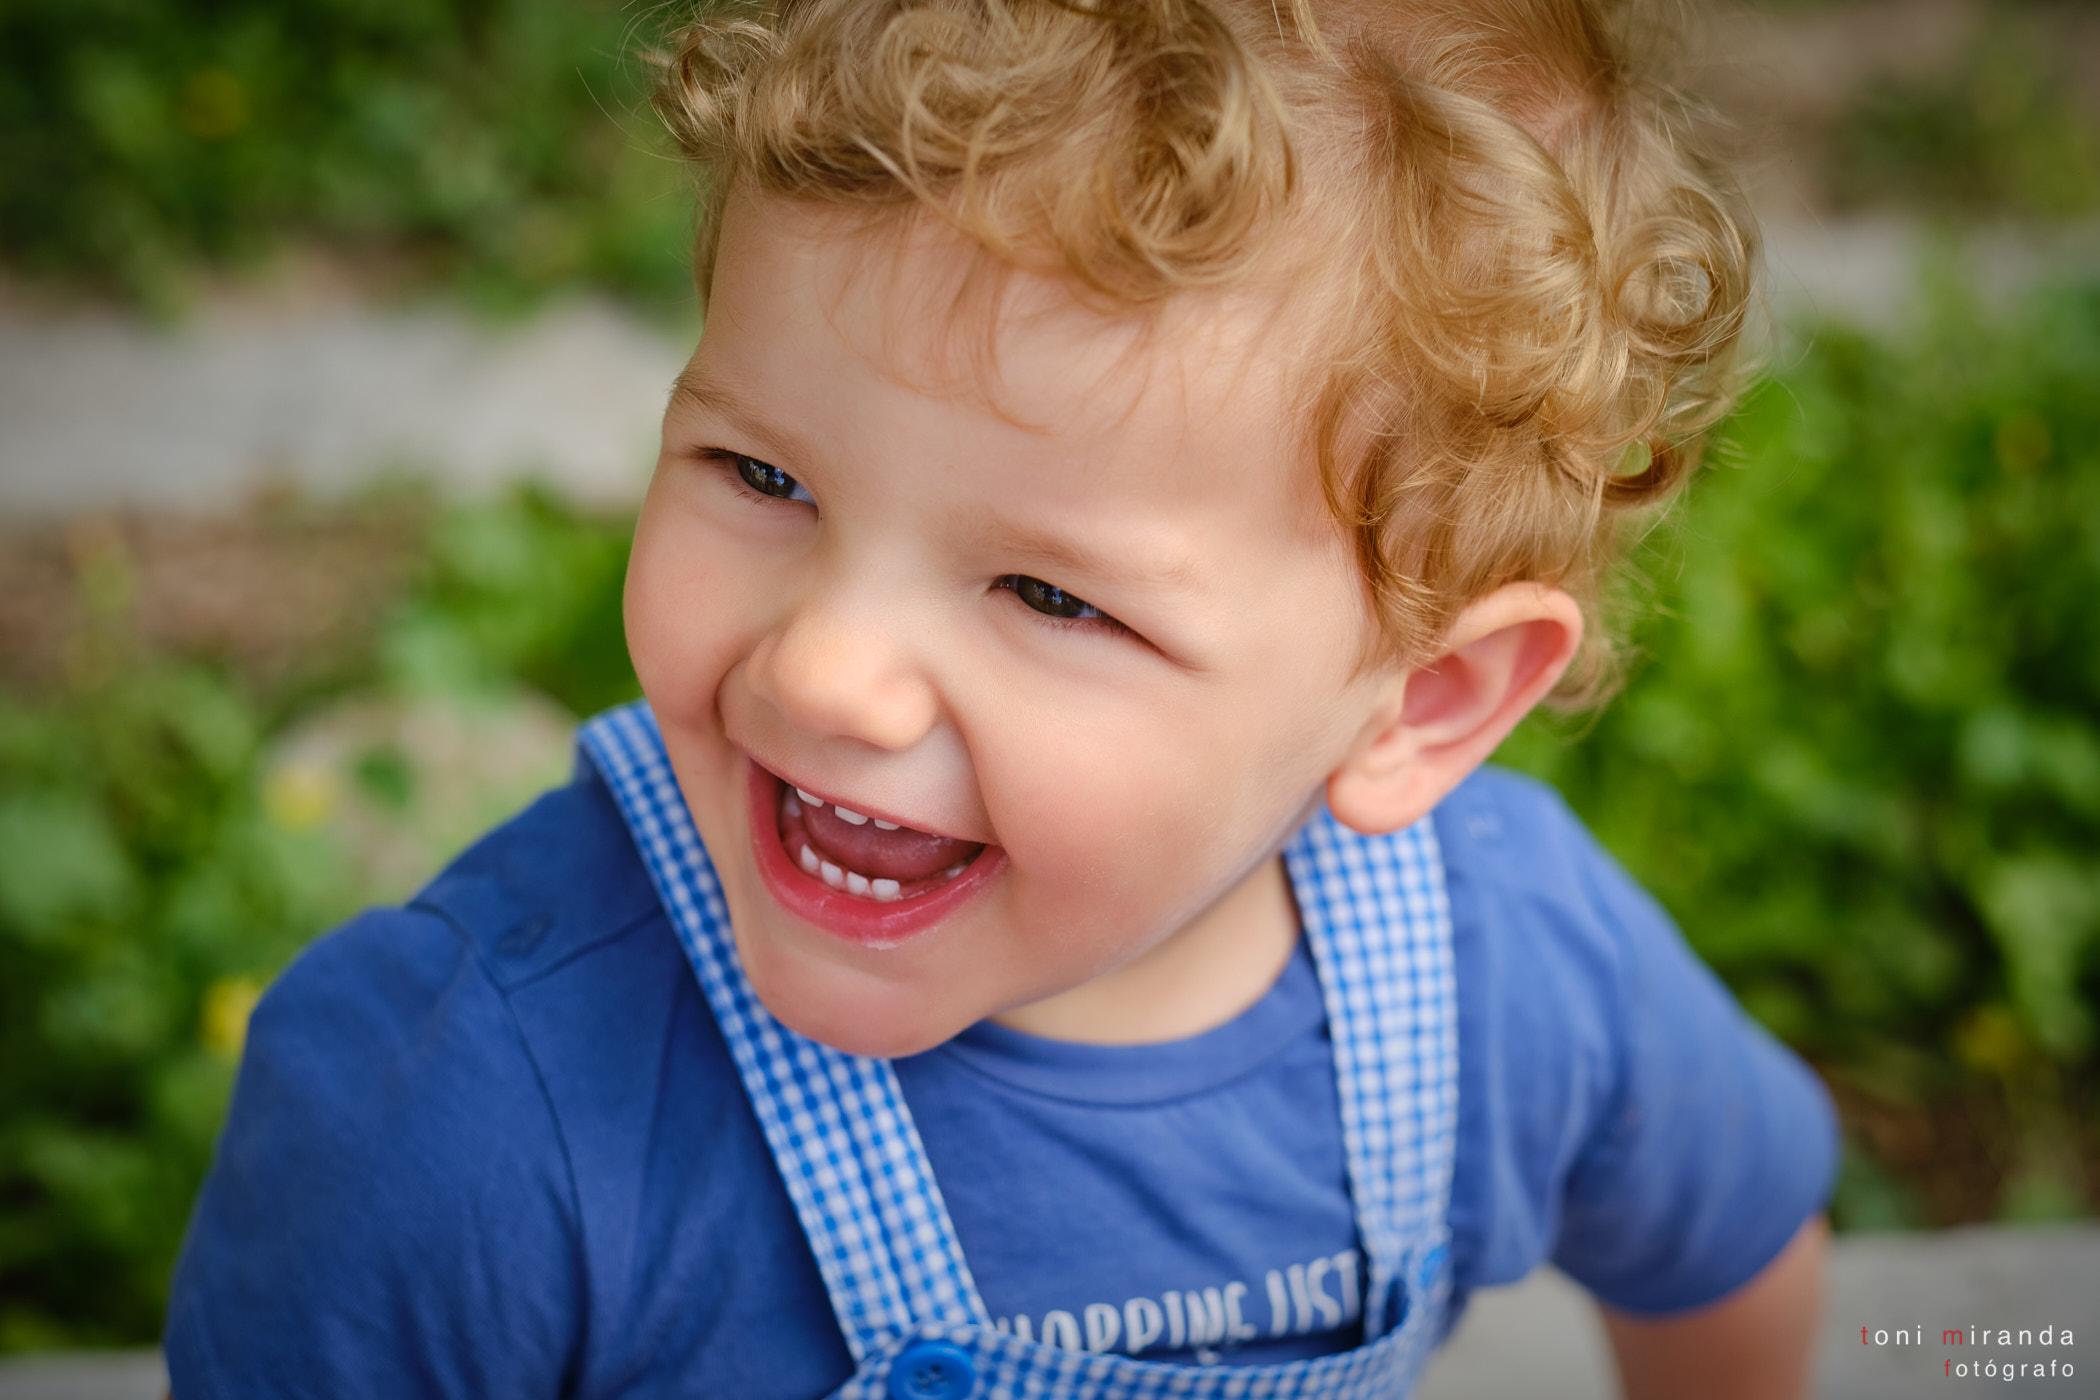 niño rubio pelo rizado sonrisa en el parque